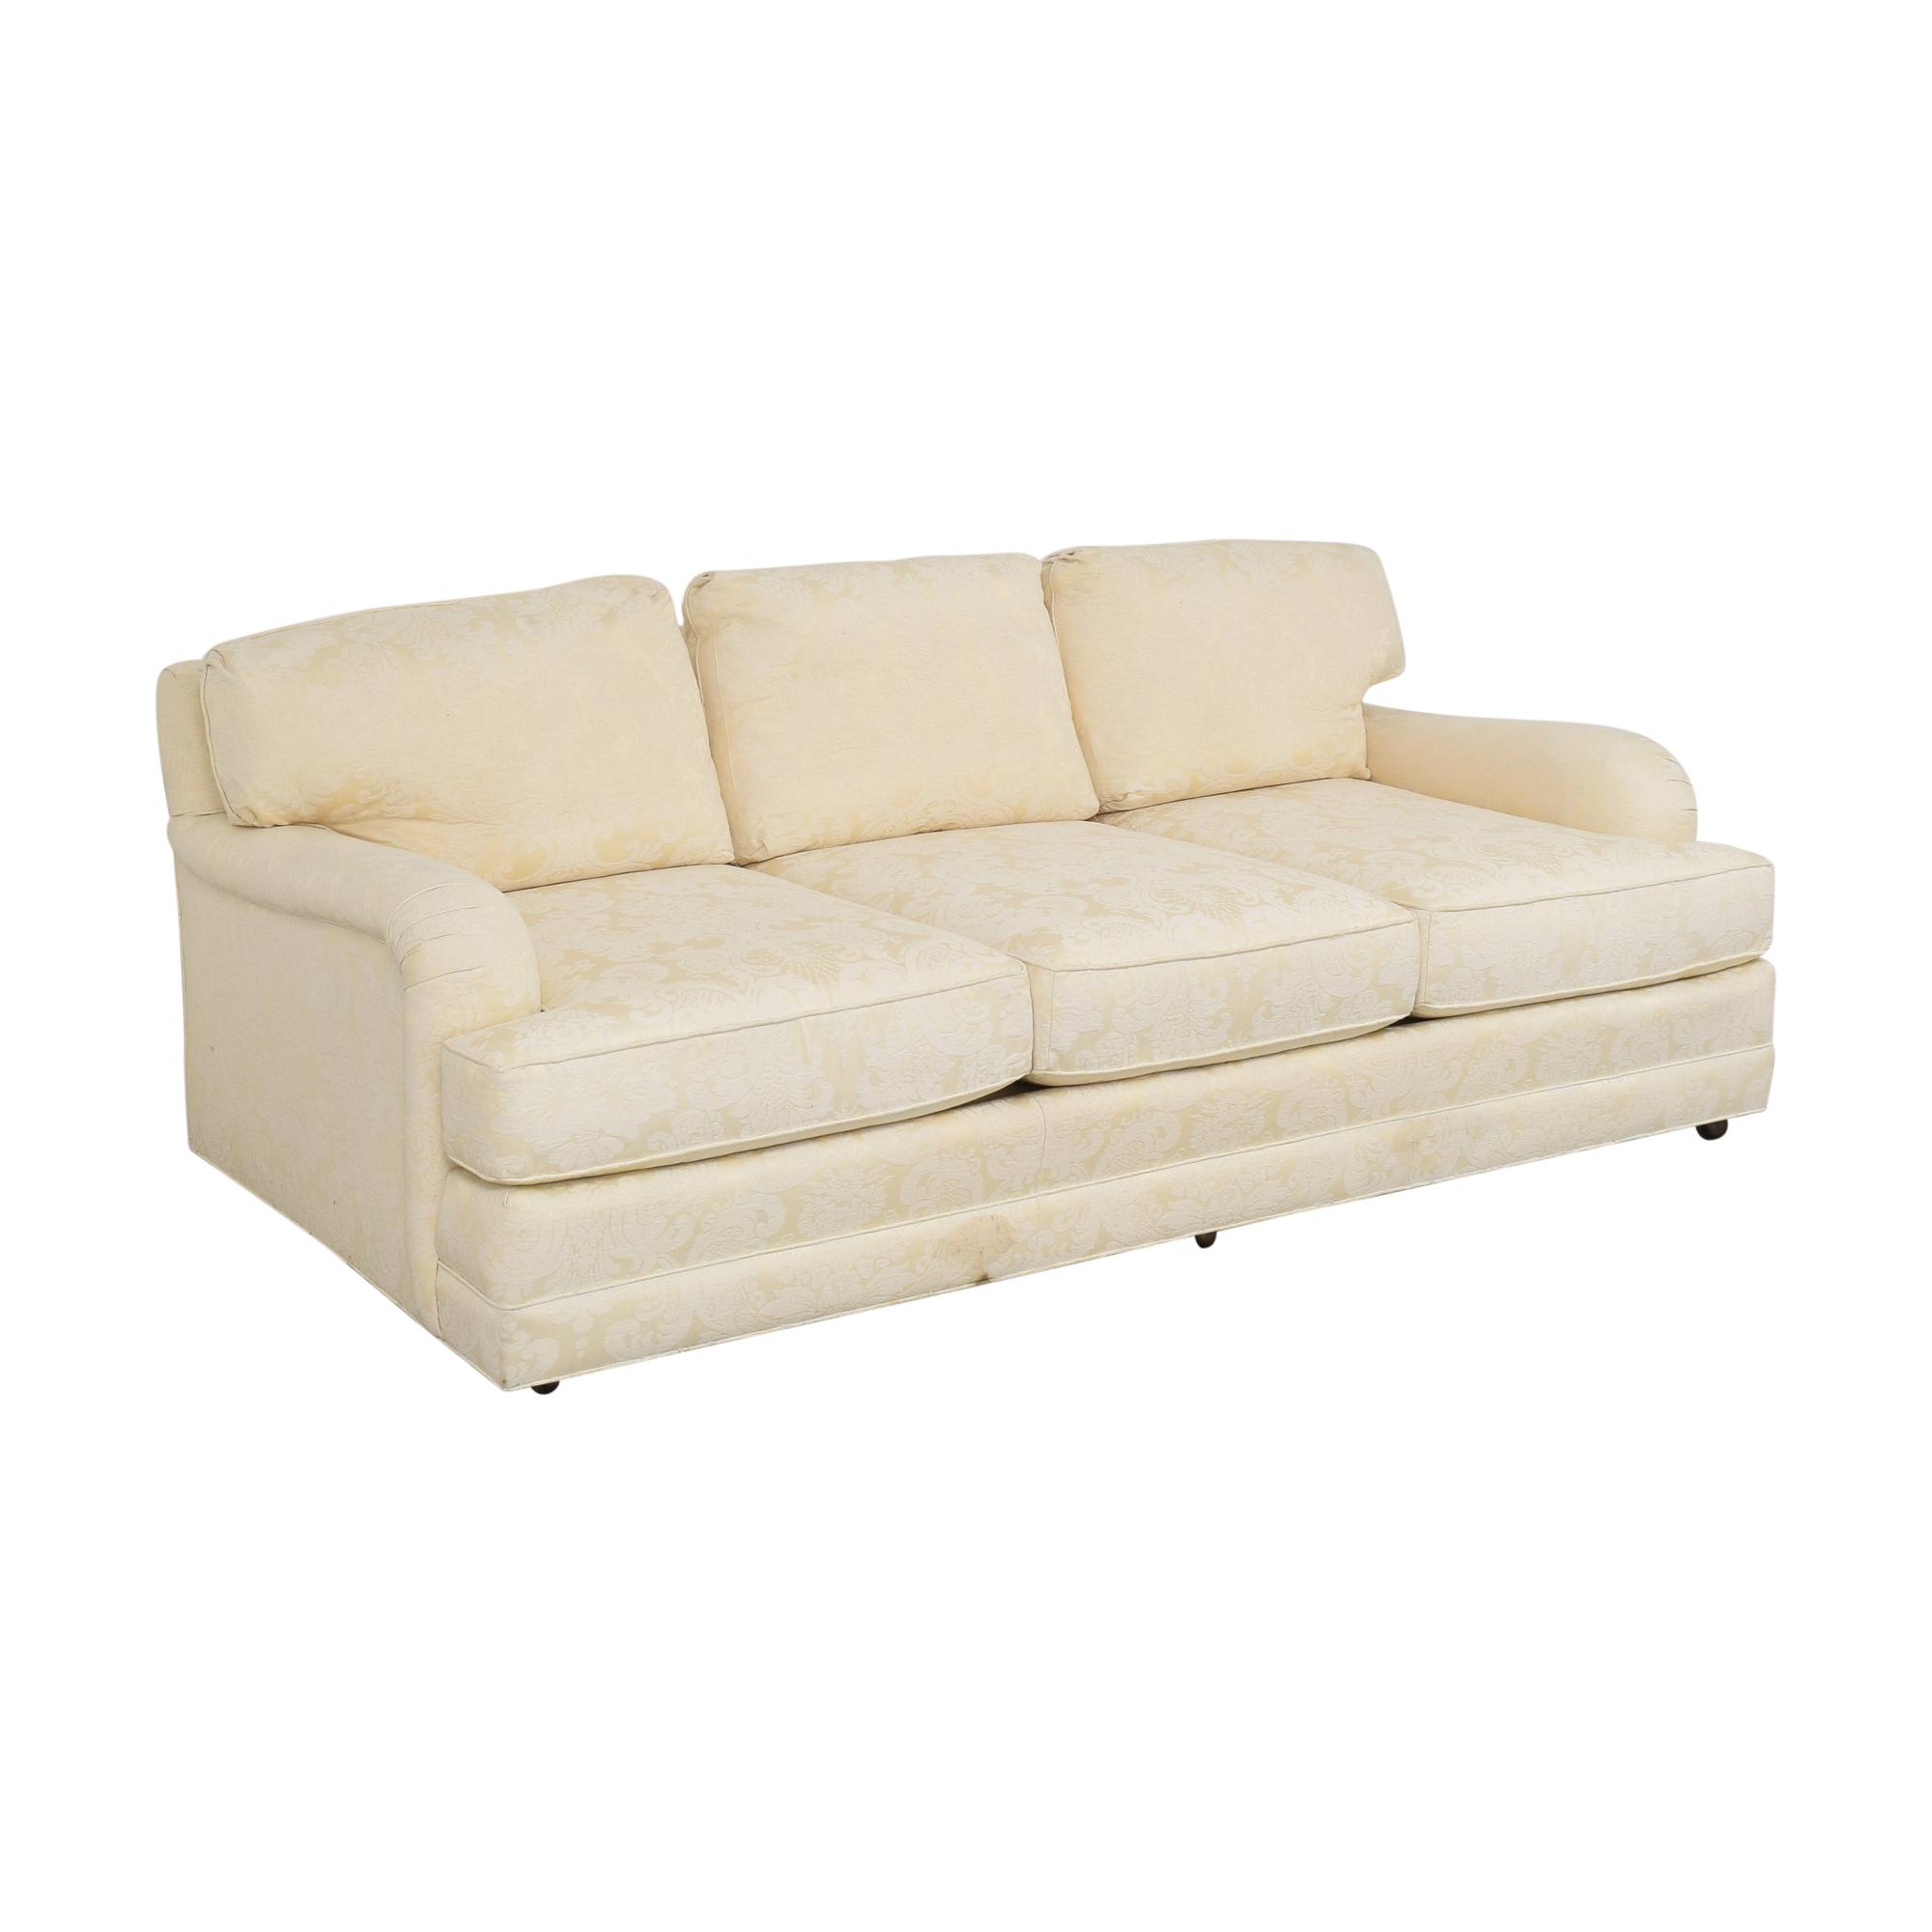 Henredon Furniture Henredon Damask Sofa discount